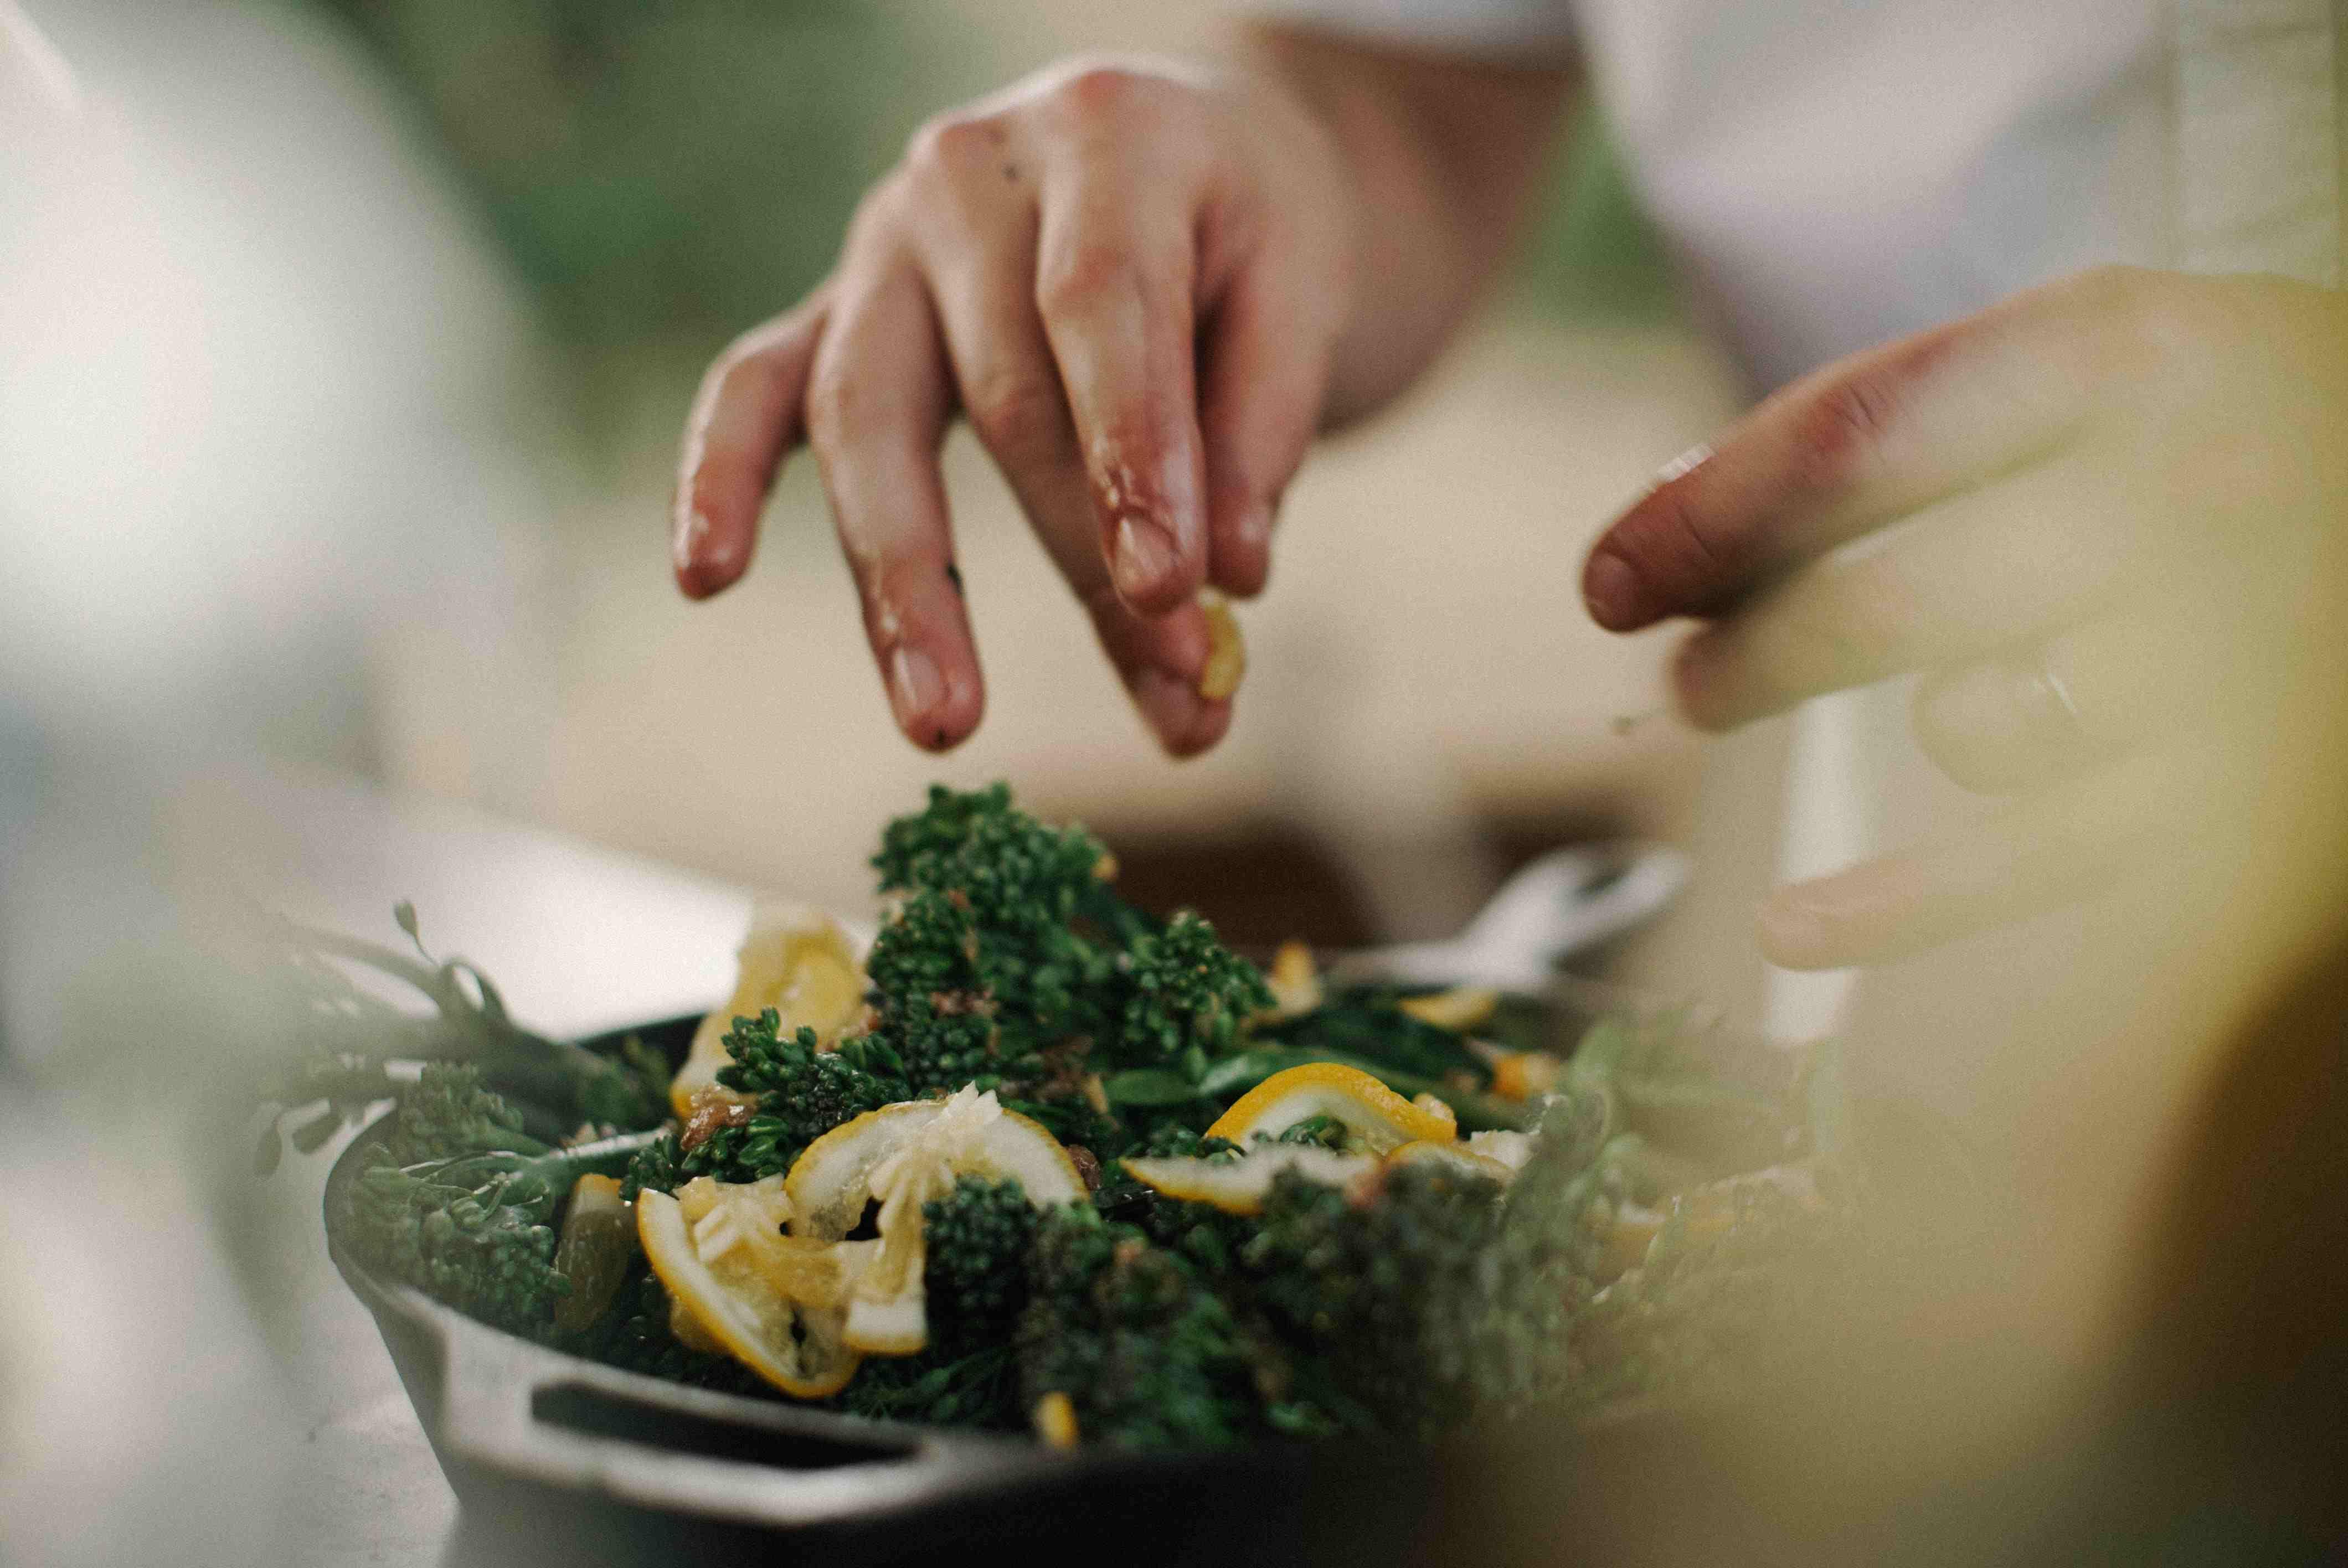 10 plats faciles pour réduire votre budget alimentation-compressed.jpg